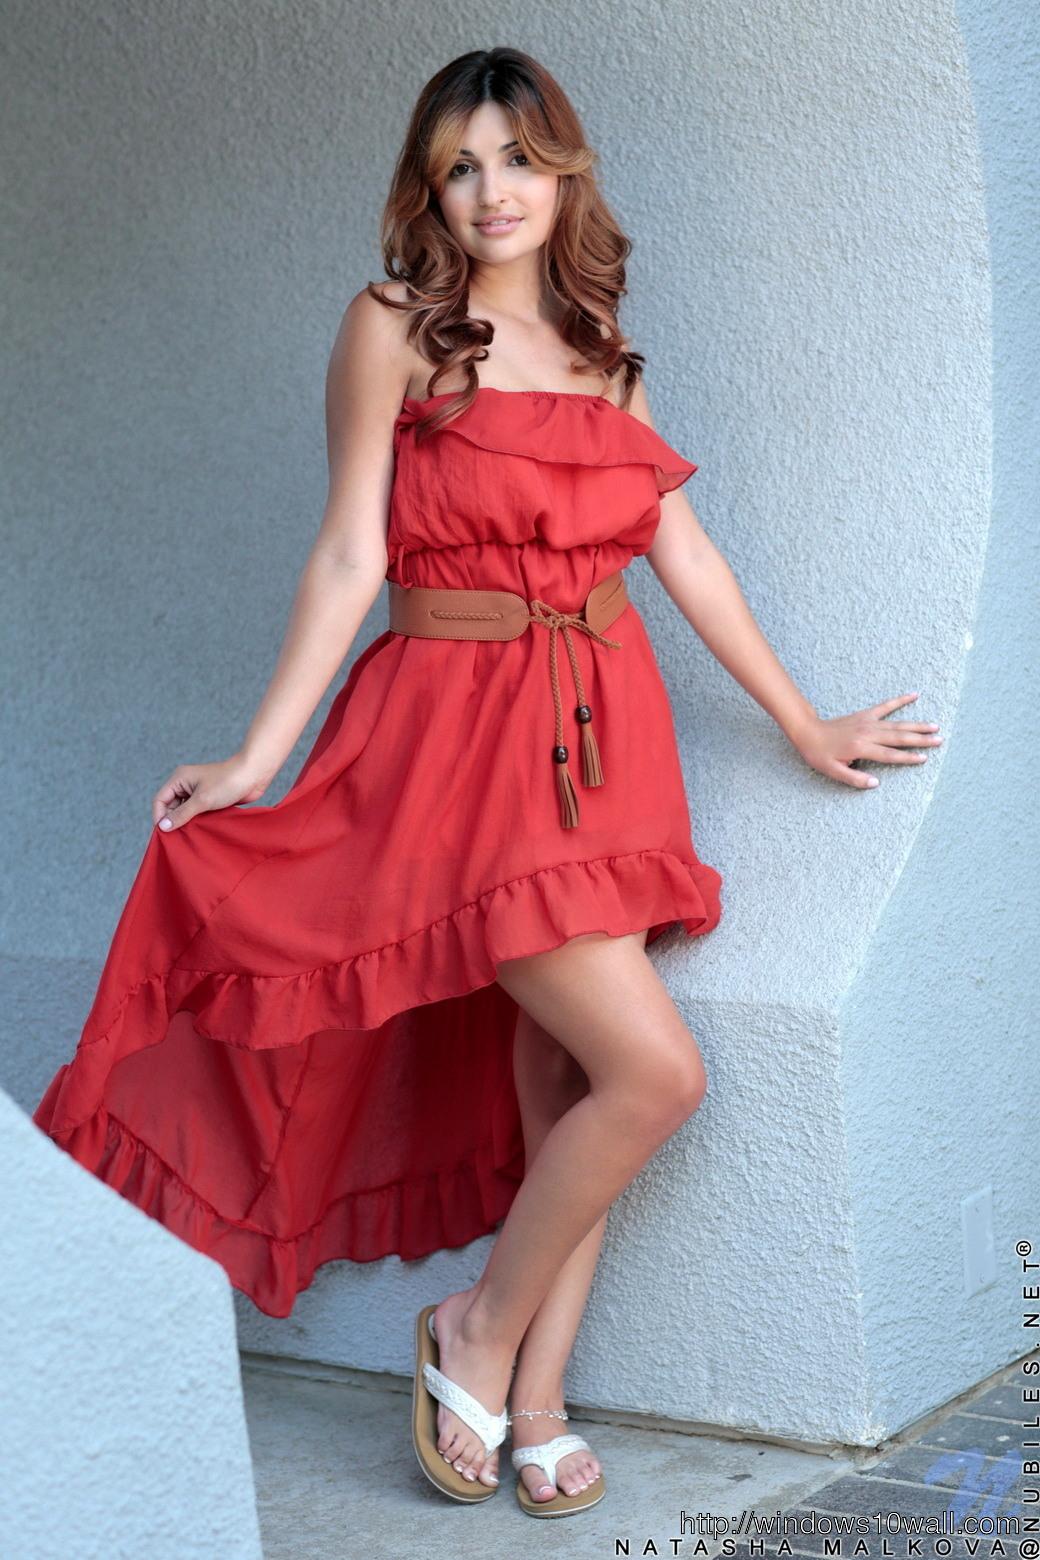 england saxy hot girl